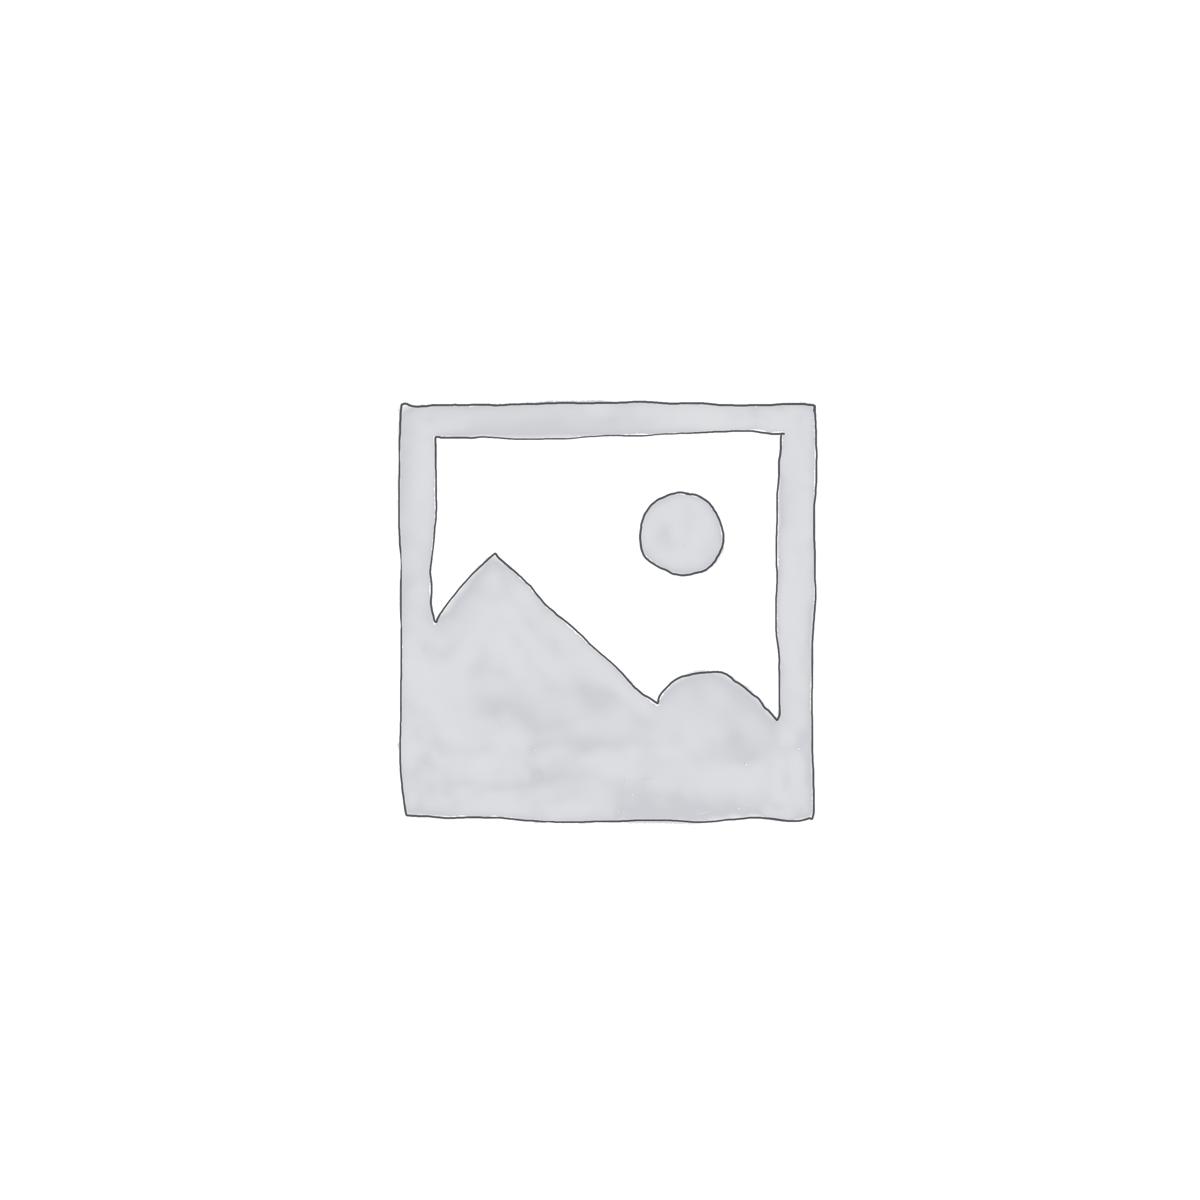 Flying Birds on Flowers Wallpaper Mural